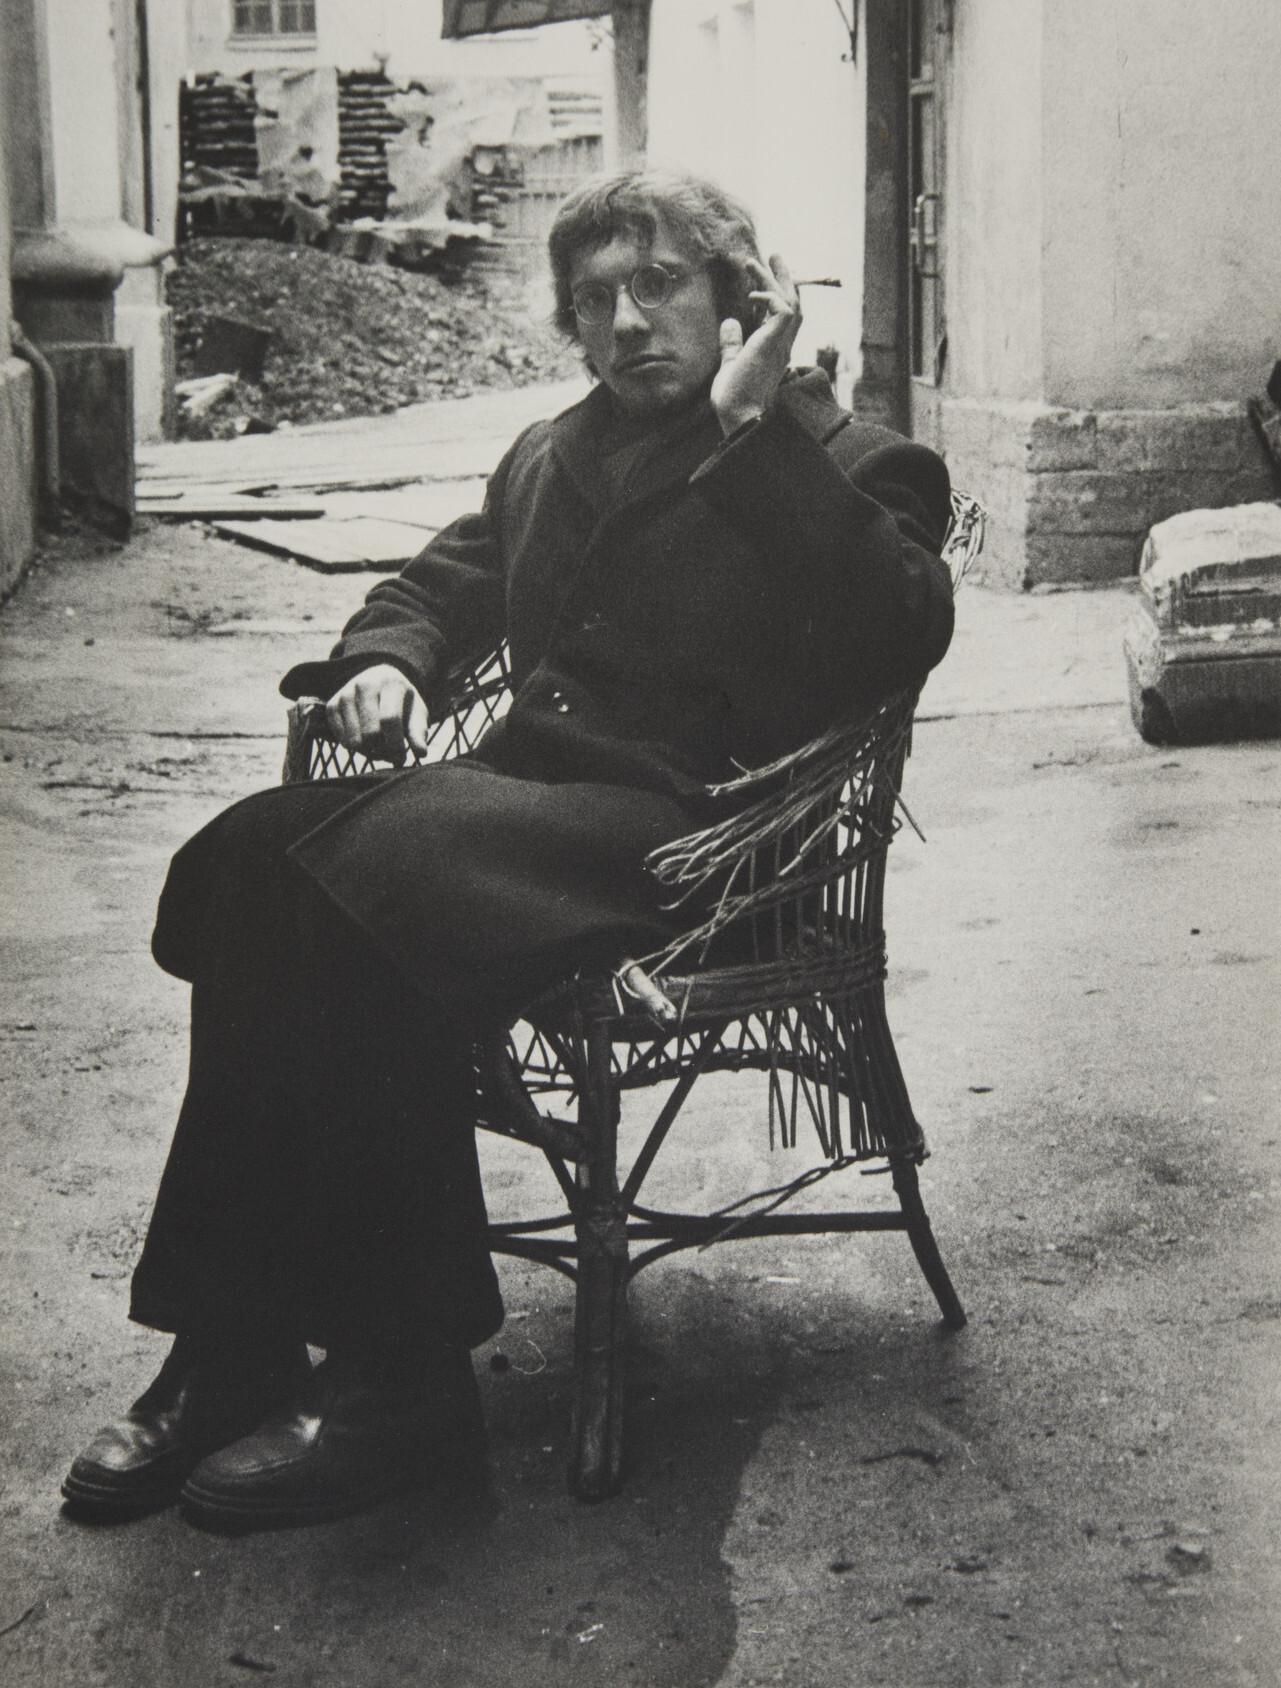 Борис Смелов.    Автопортрет   Ленинград, начало 1970-х